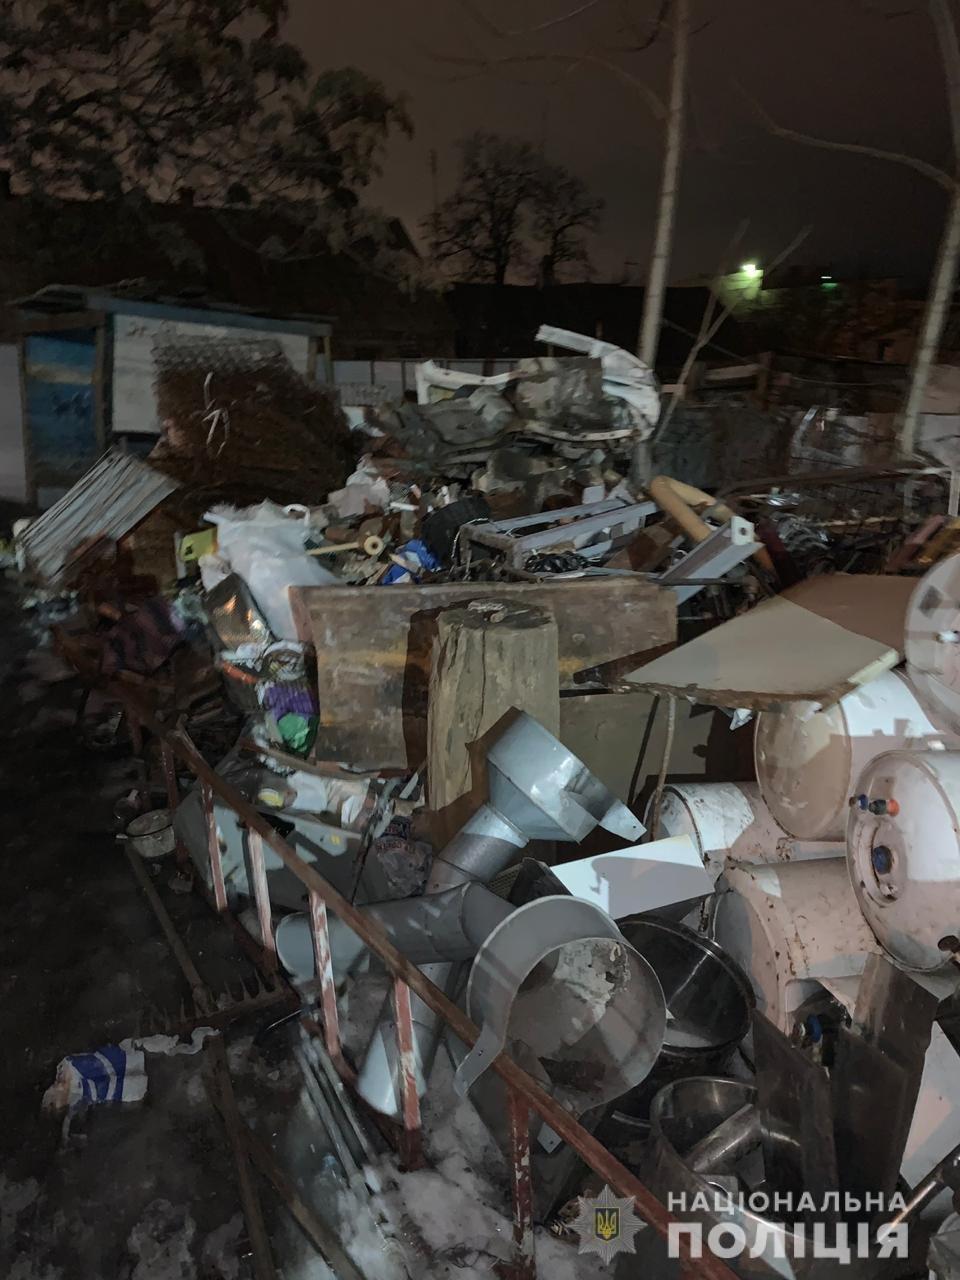 Запорожские полицейские в незаконных пунктах приема изъяли более 30 тонн металлолома, – ФОТО, фото-3